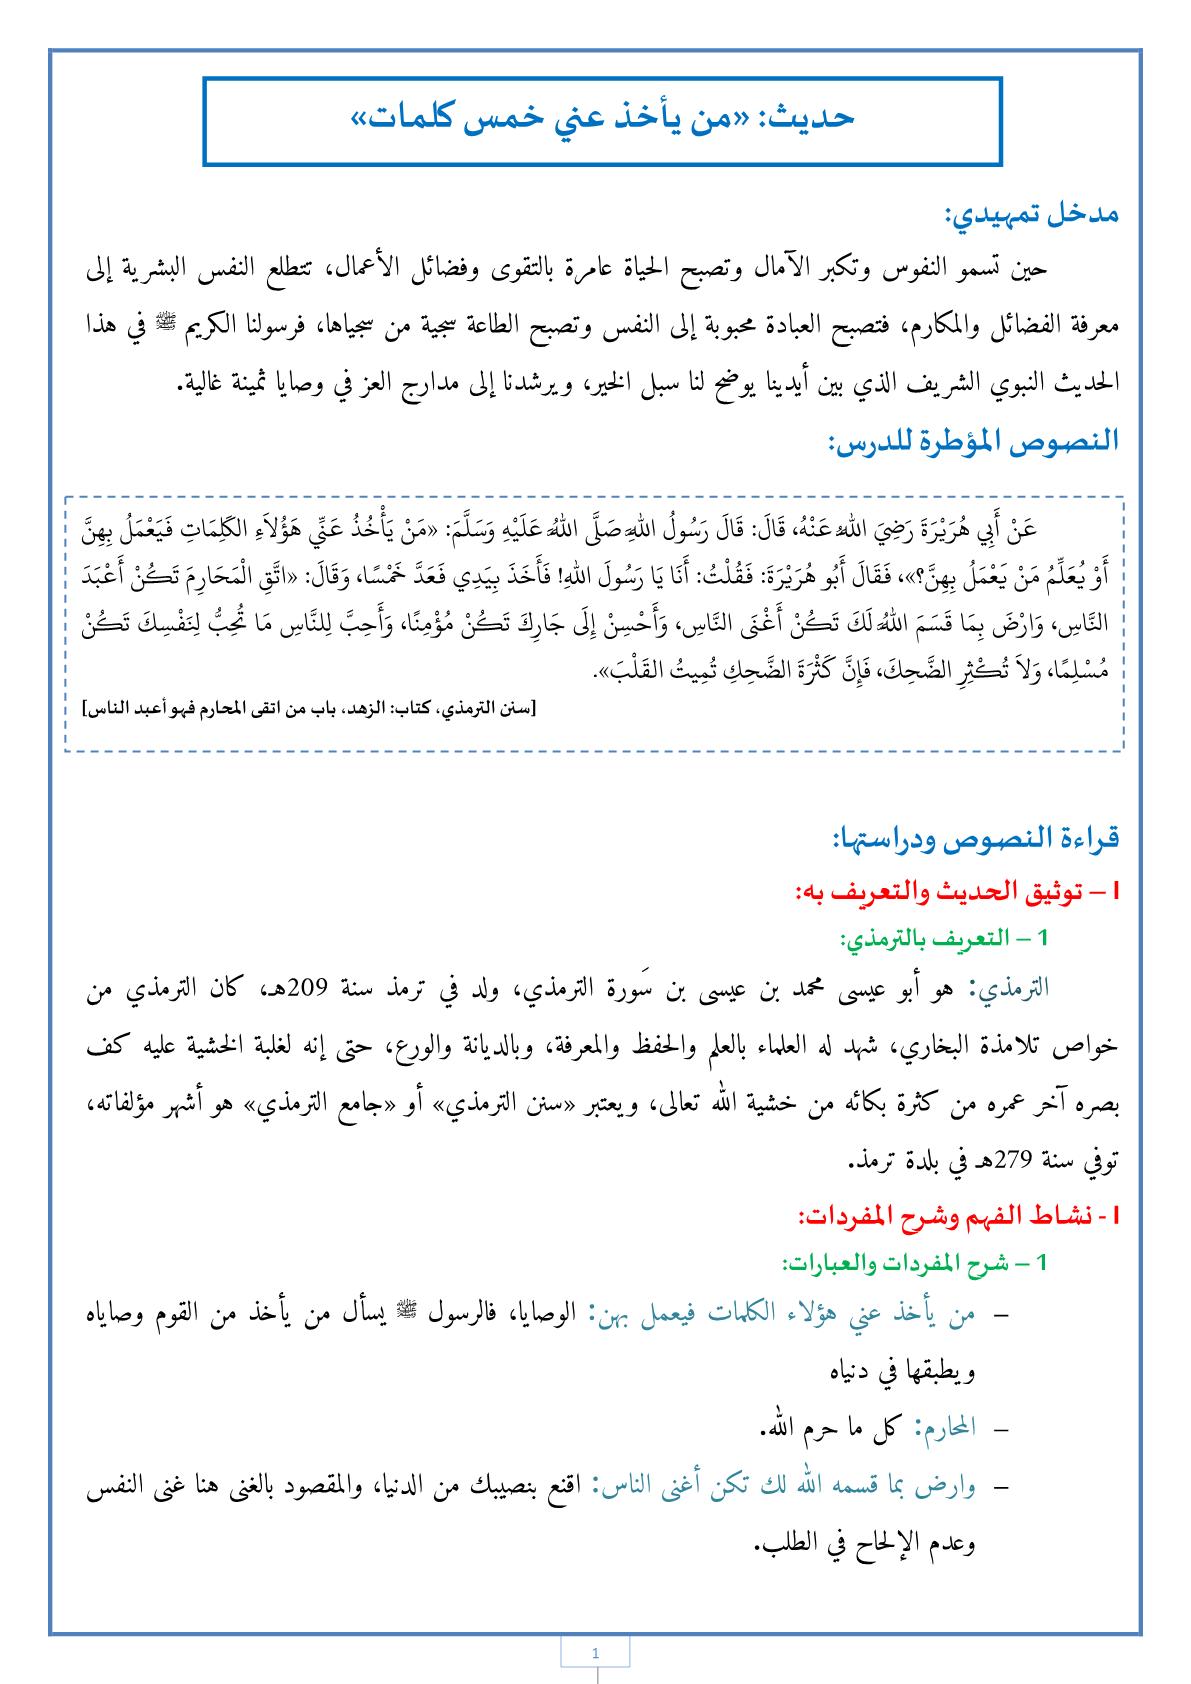 درس حديث : من يأخذ عني خمس كلمات مادة التربية الإسلامية للسنة الثانية إعدادي